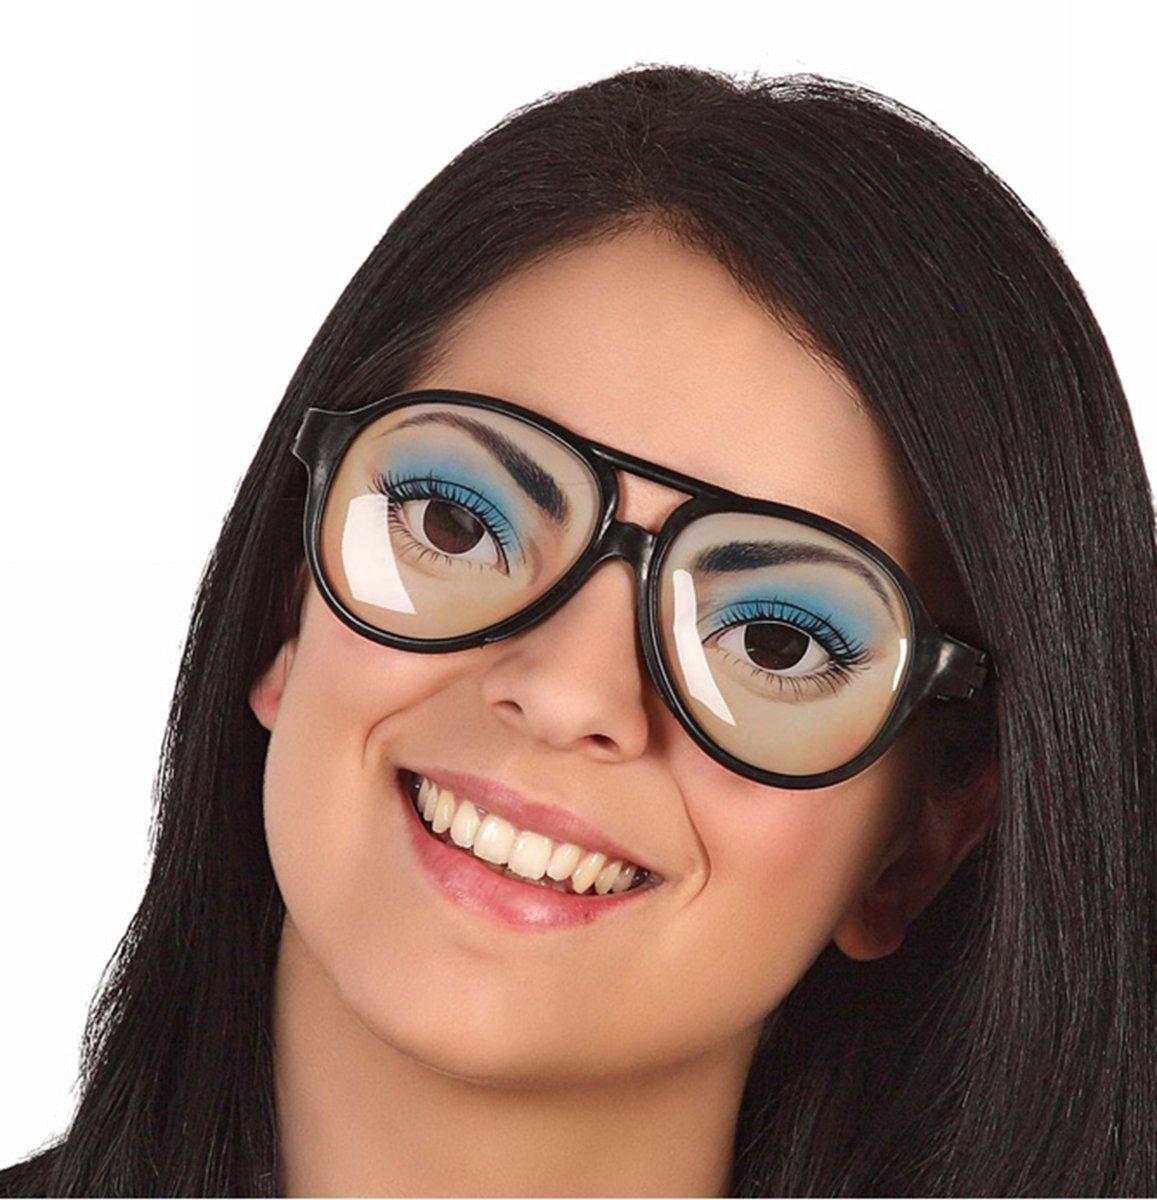 Mooie ogen bril voor volwassenen - Verkleedattribuut kopen